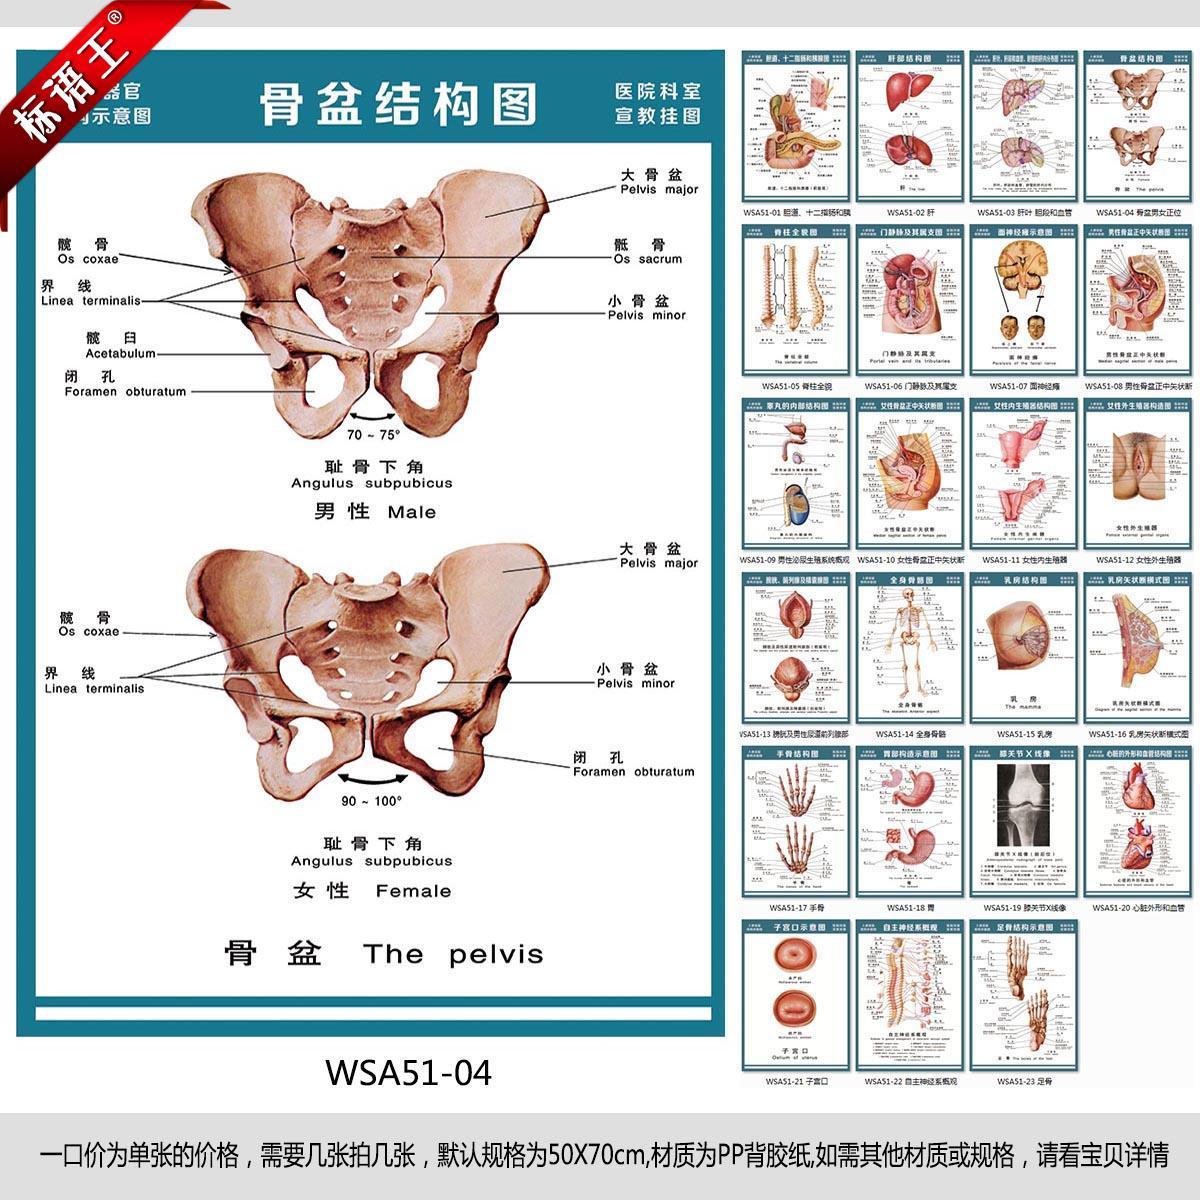 人体构成结构示意图_医院科室挂图解剖图人体肌肉骨骼神经示意图宣传画贴画wsa52-01